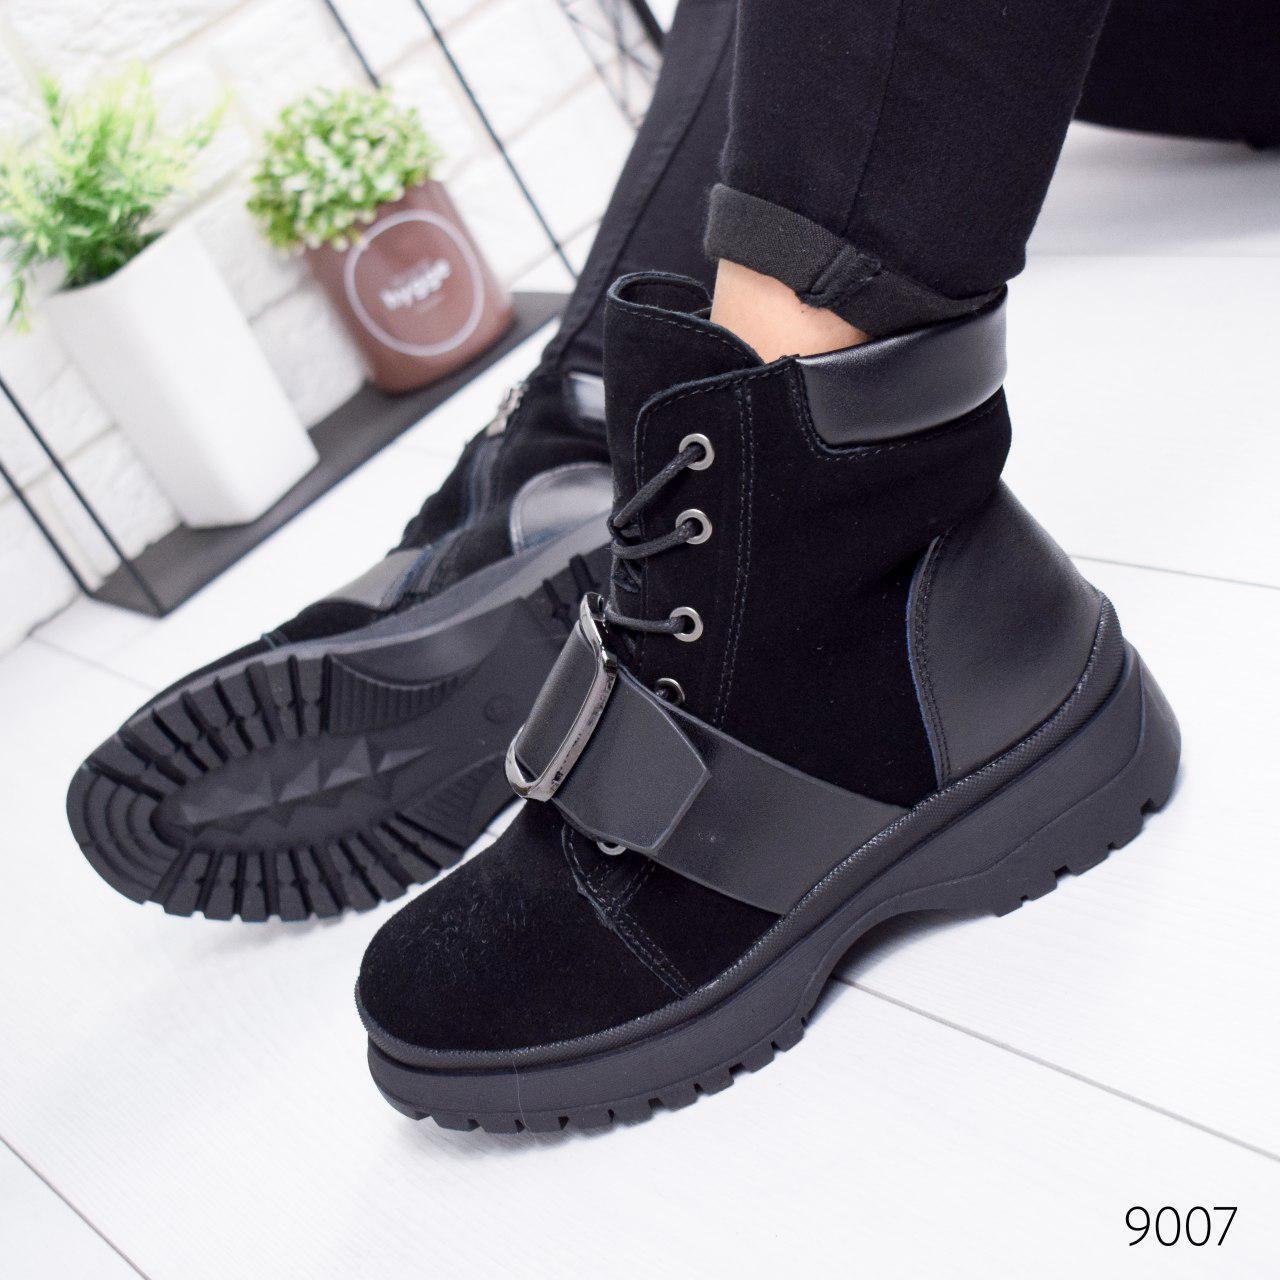 """Ботинки женские зимние, черного цвета из натуральной замши """"9007"""". Черевики жіночі. Ботинки теплые"""